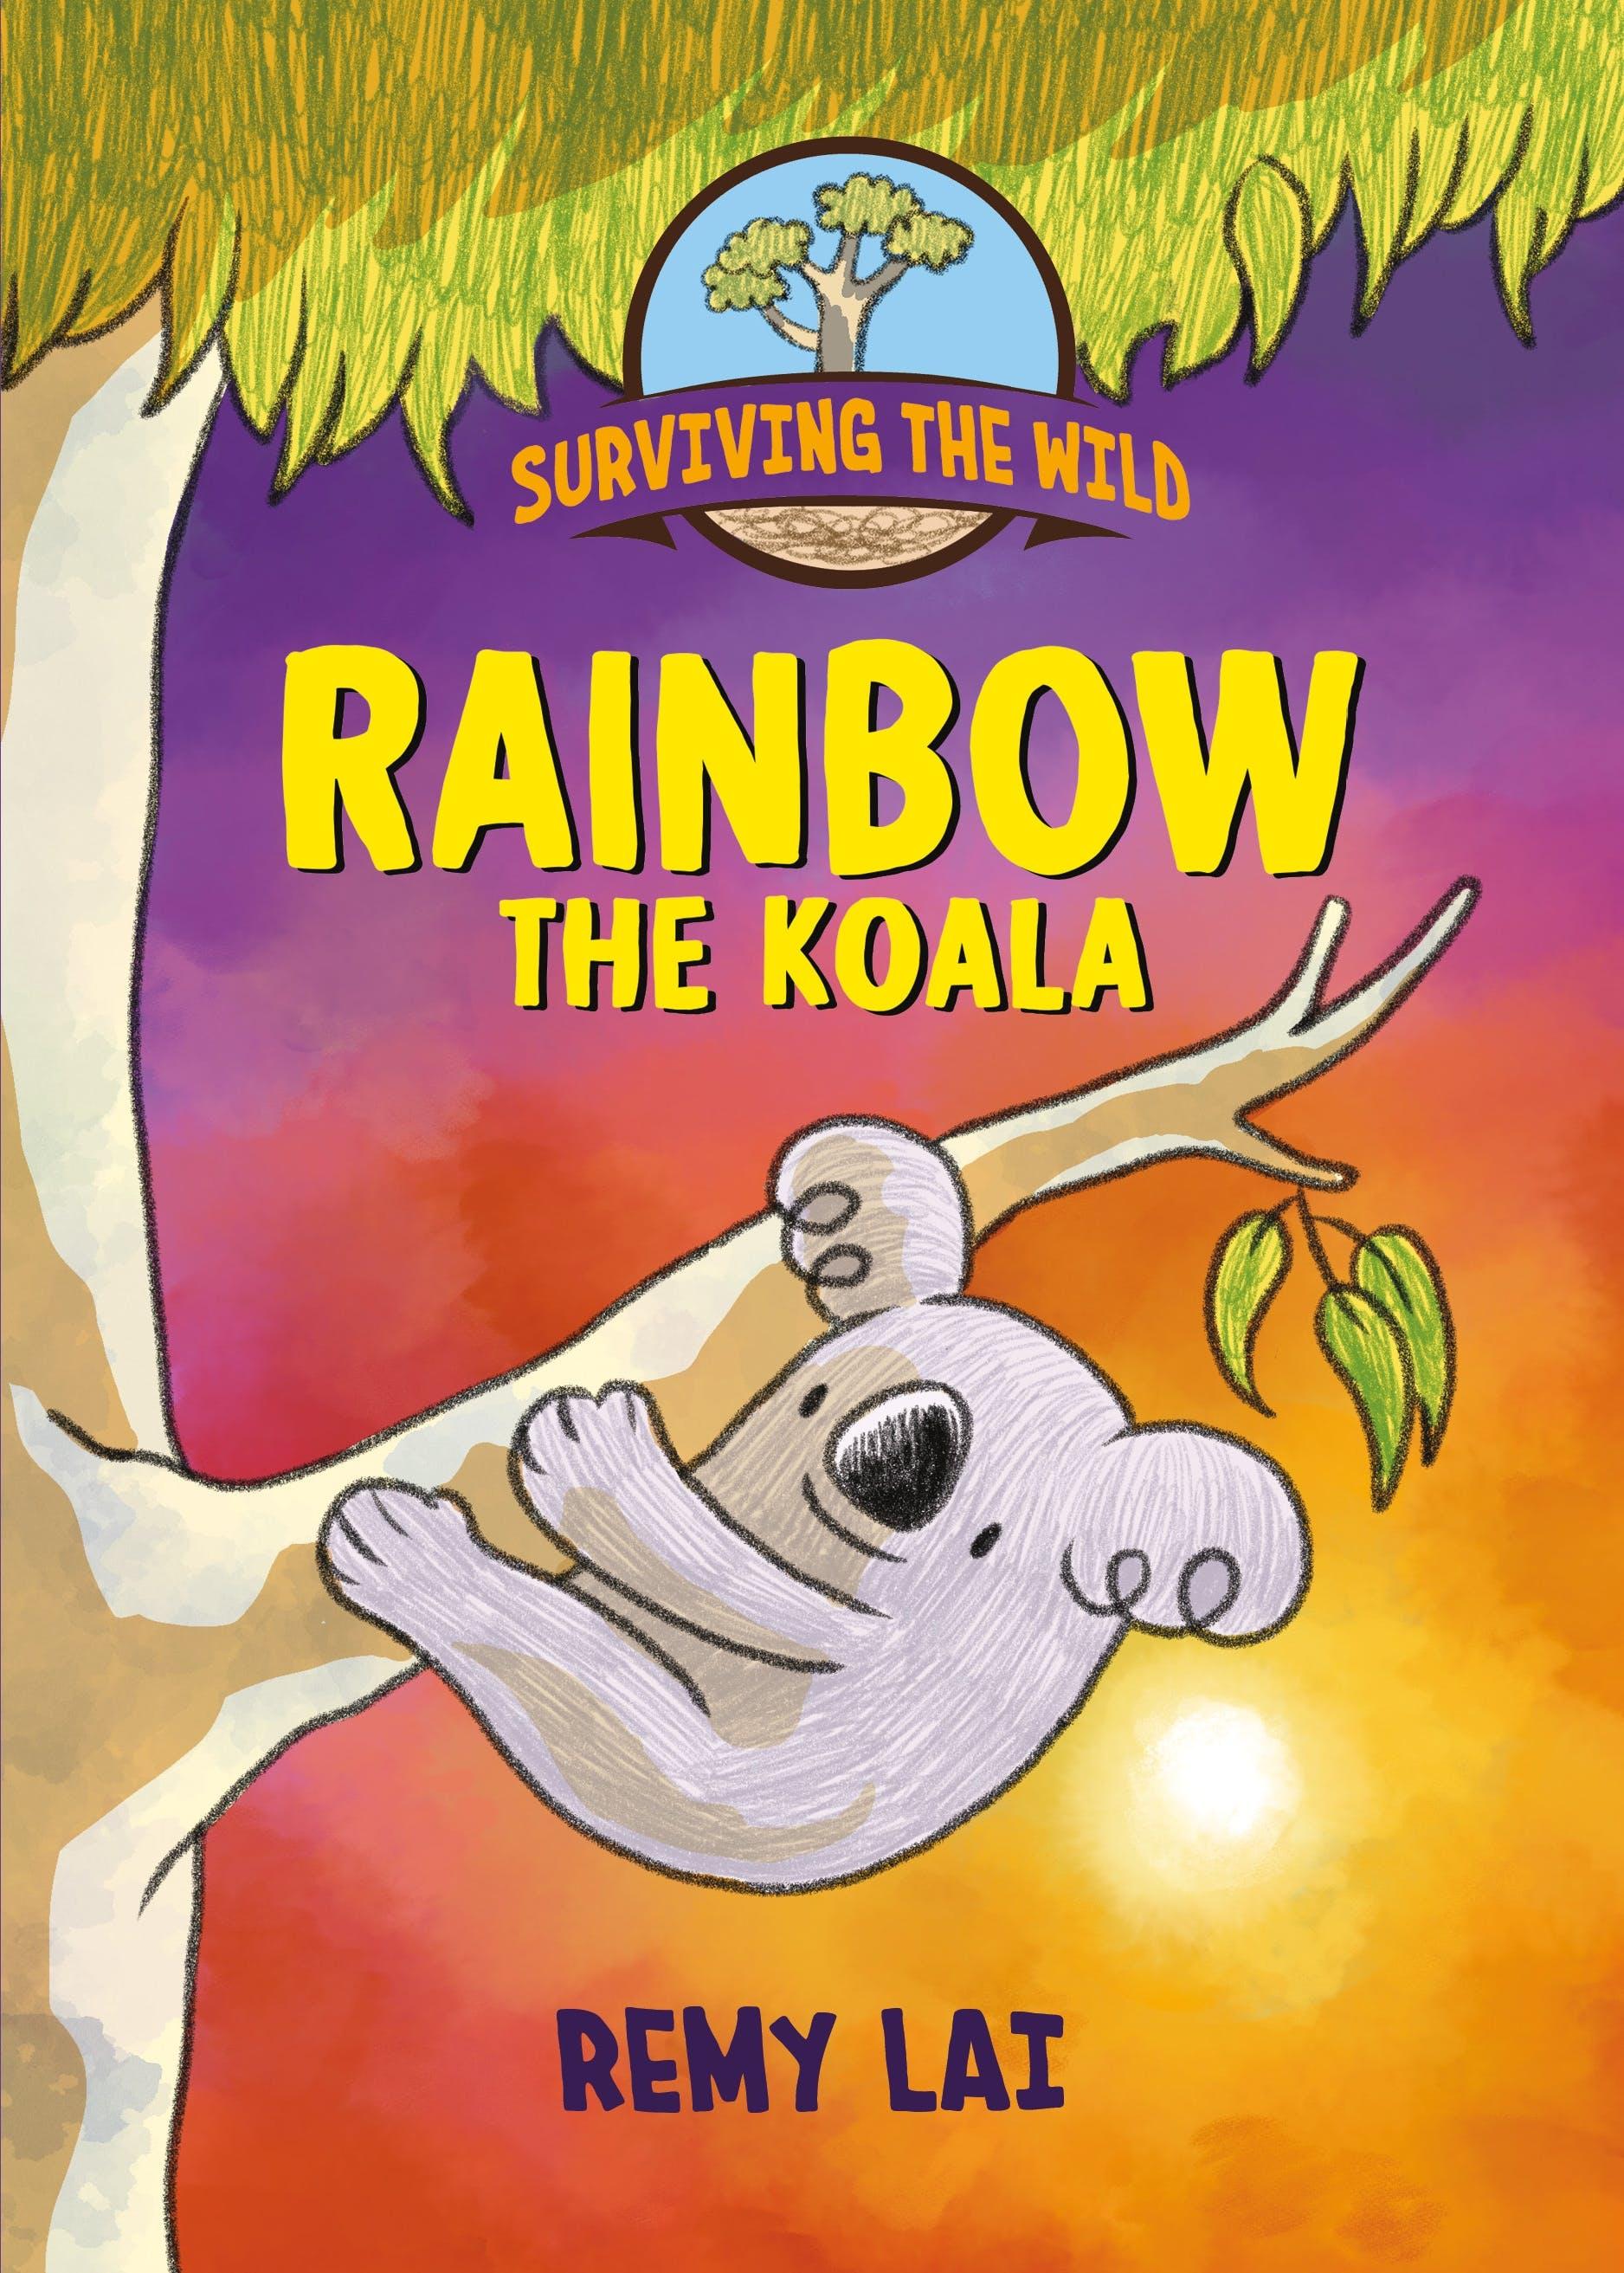 Image of Surviving the Wild: Rainbow the Koala